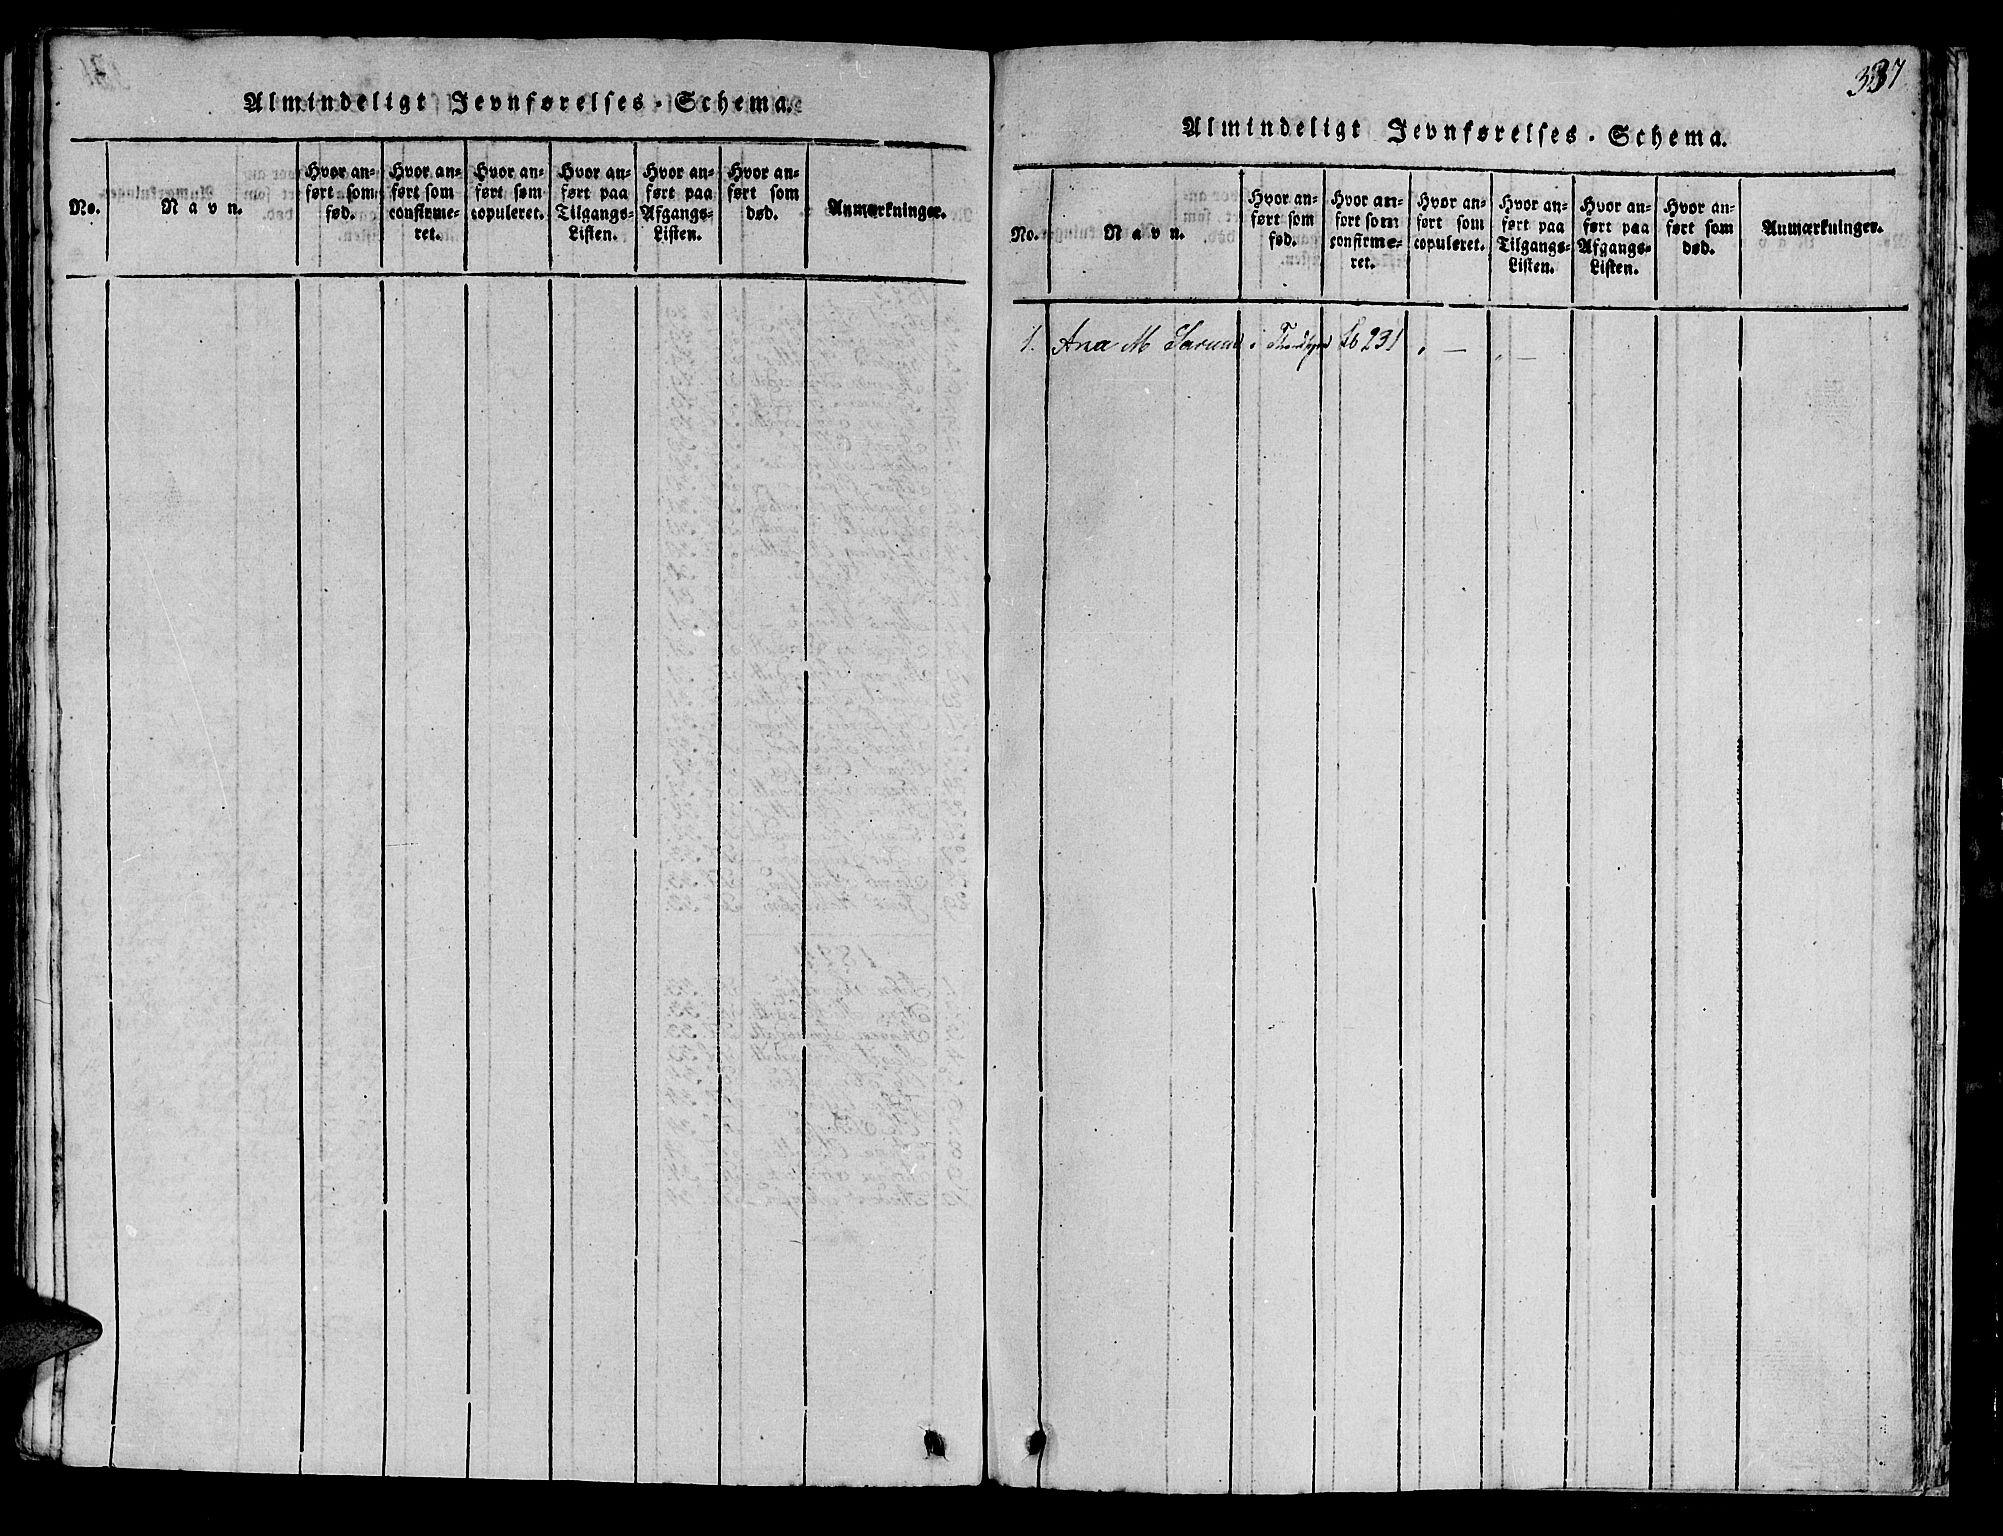 SAT, Ministerialprotokoller, klokkerbøker og fødselsregistre - Sør-Trøndelag, 613/L0393: Klokkerbok nr. 613C01, 1816-1886, s. 387